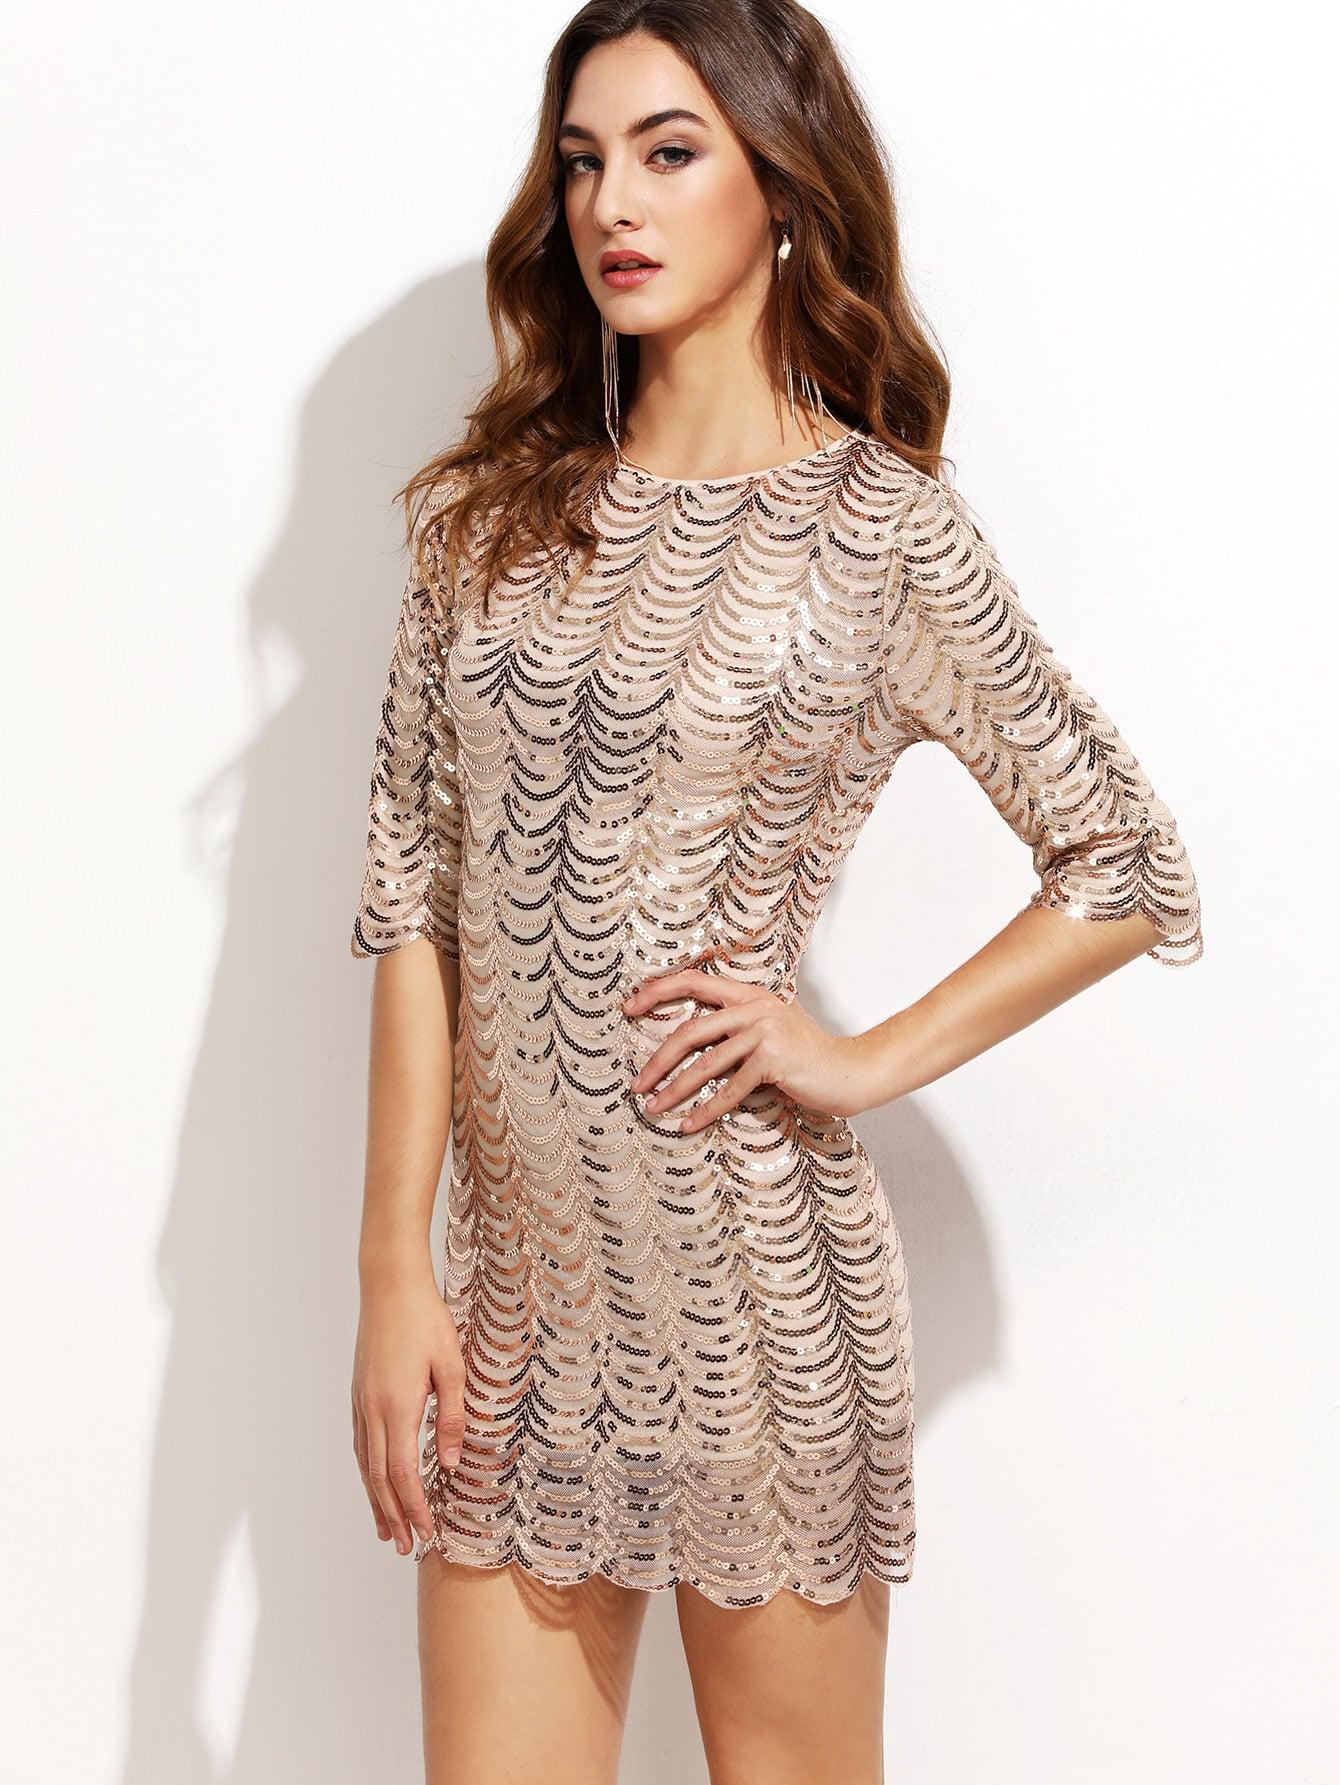 dress161011711_2